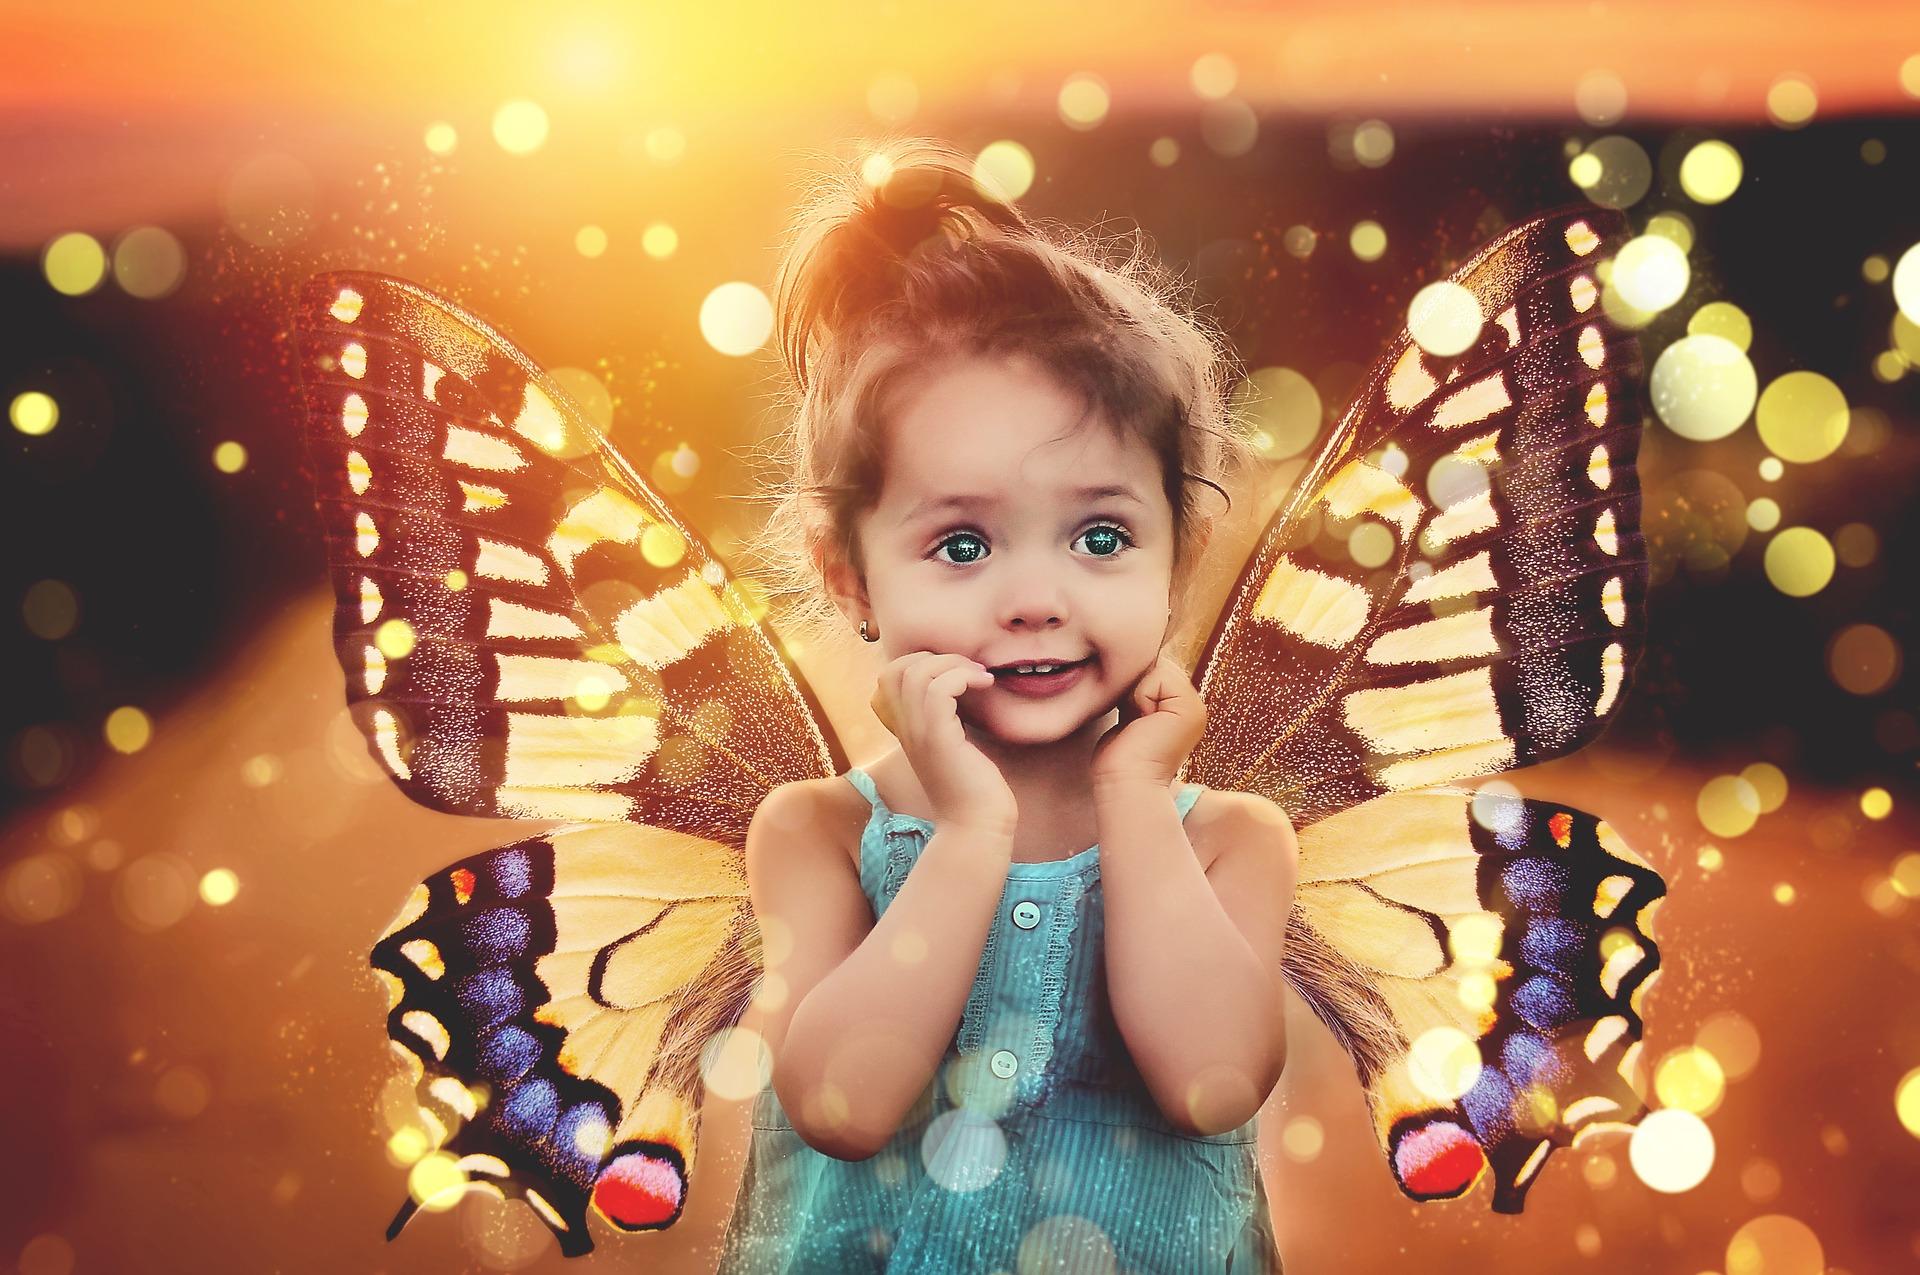 Gibt dein inneres Kind den Ton an?